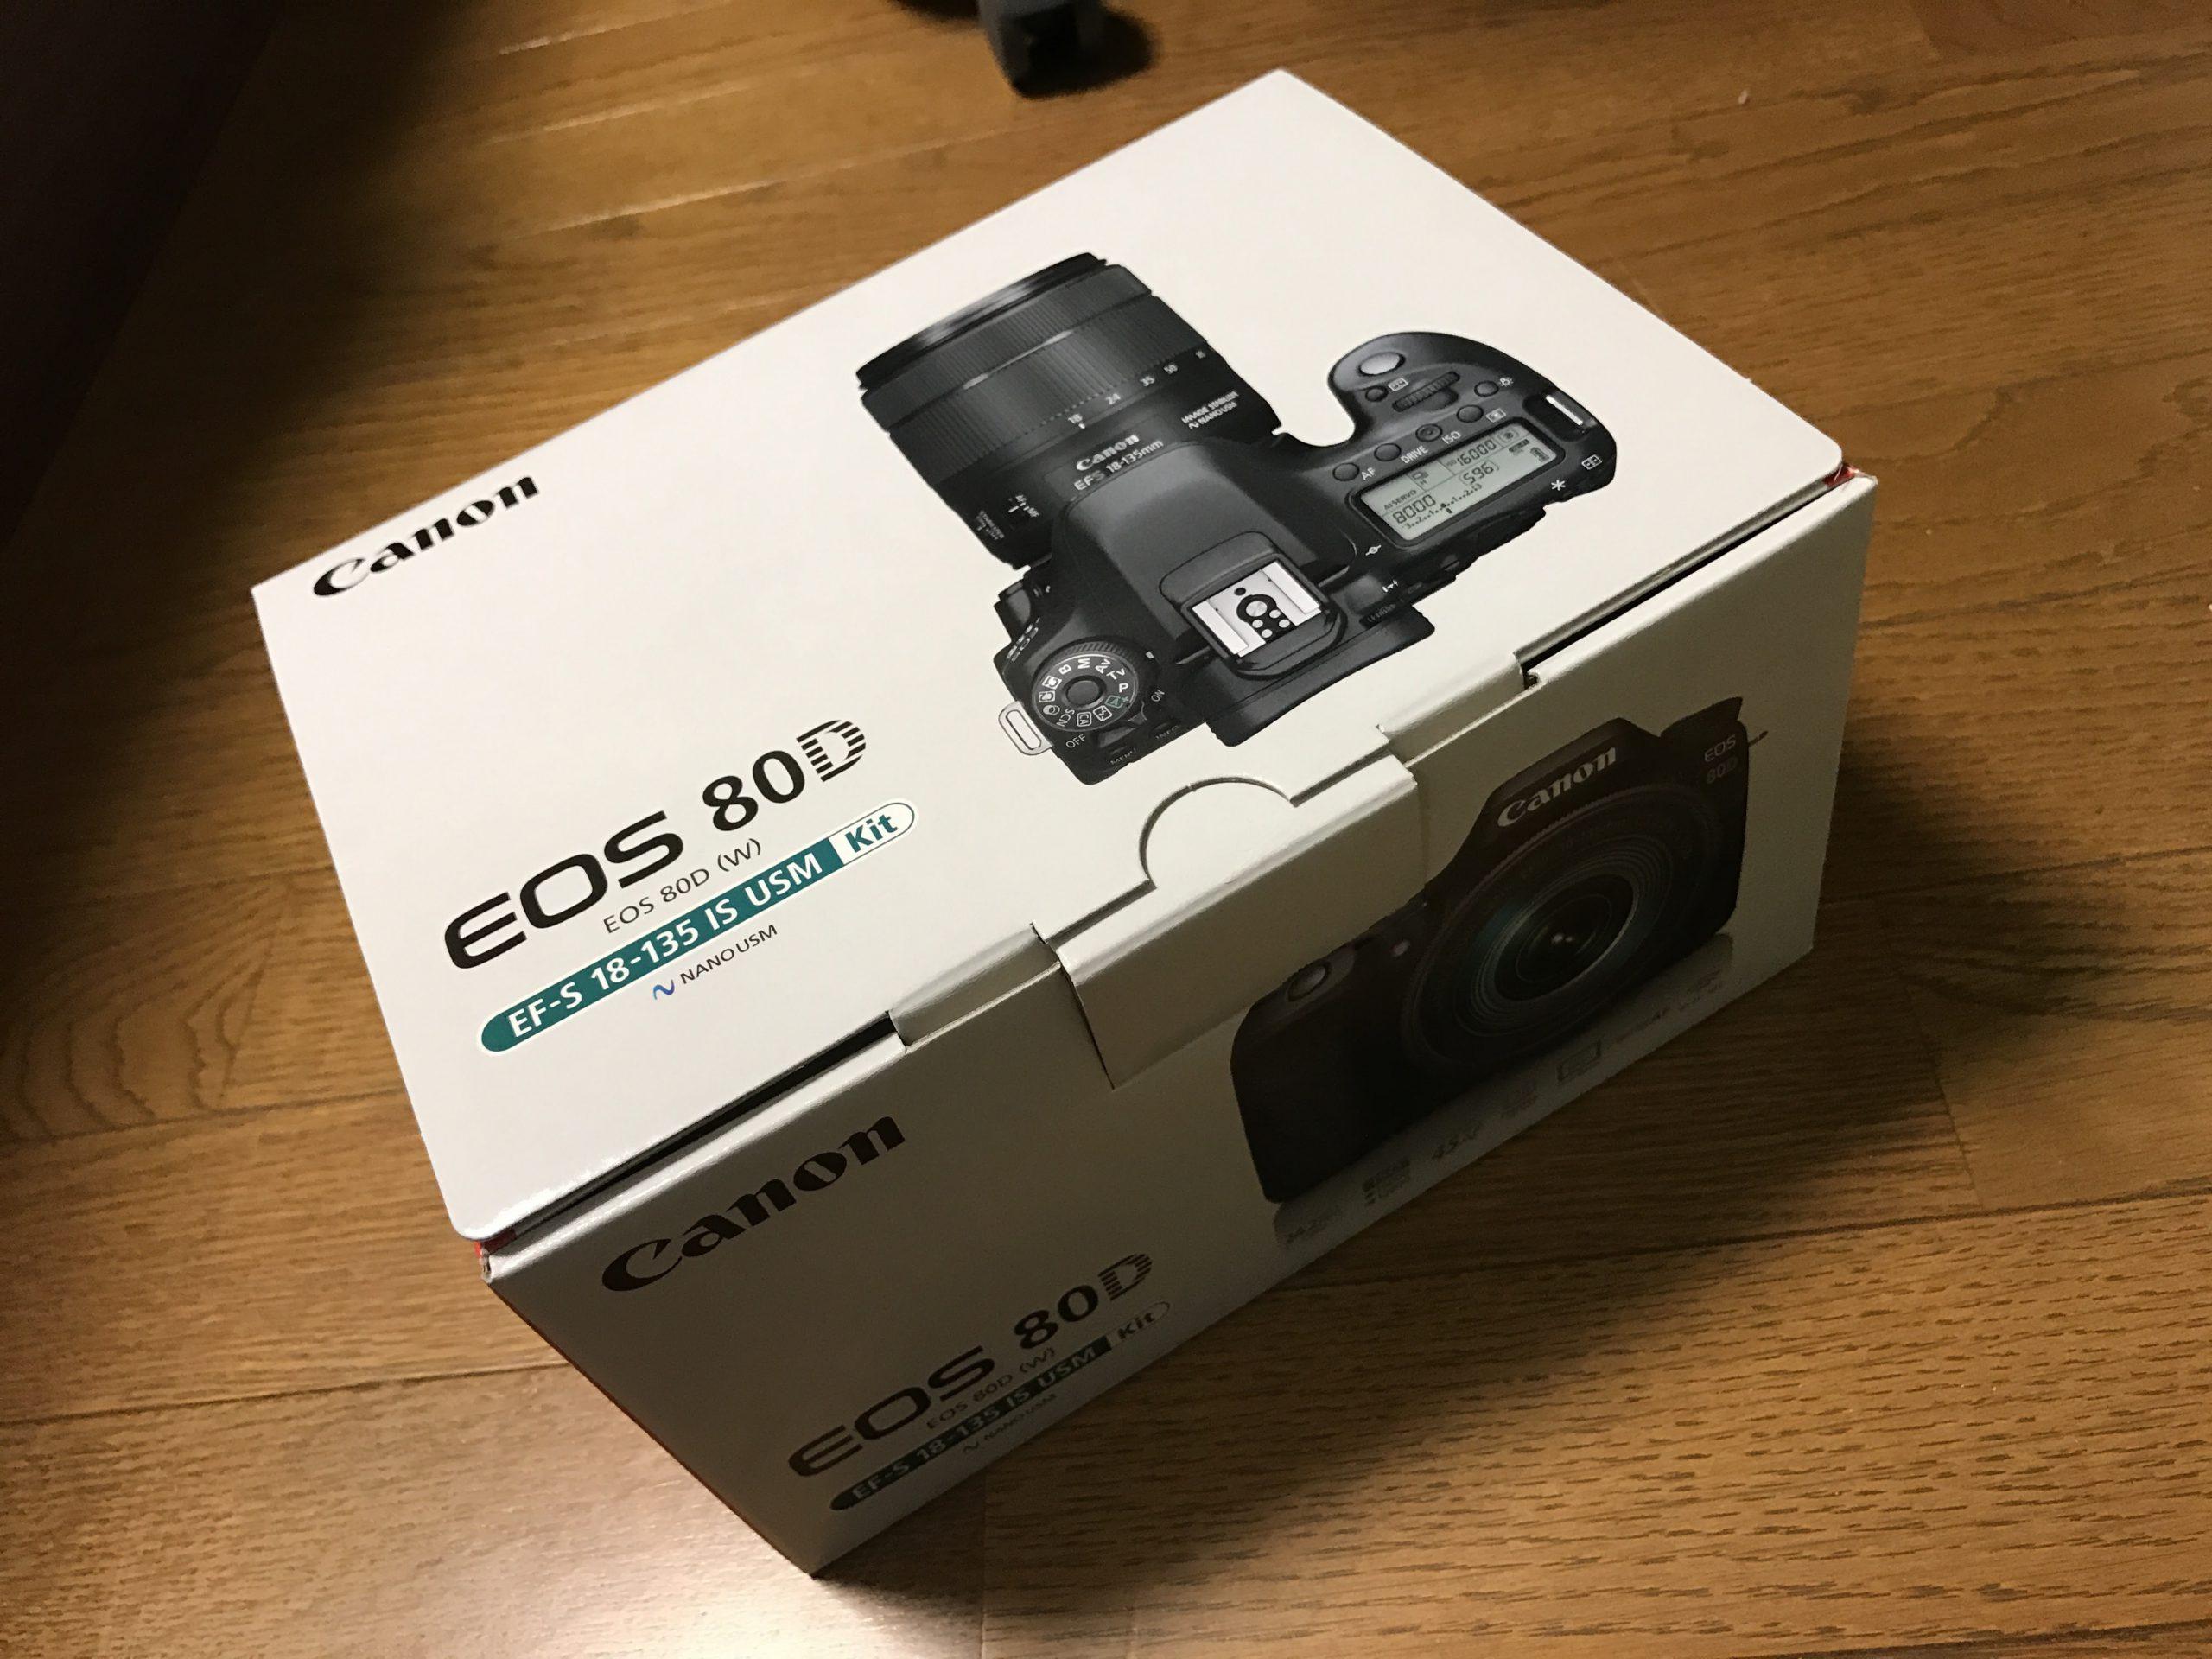 久々にデジタル一眼レフカメラを買い替えました^^